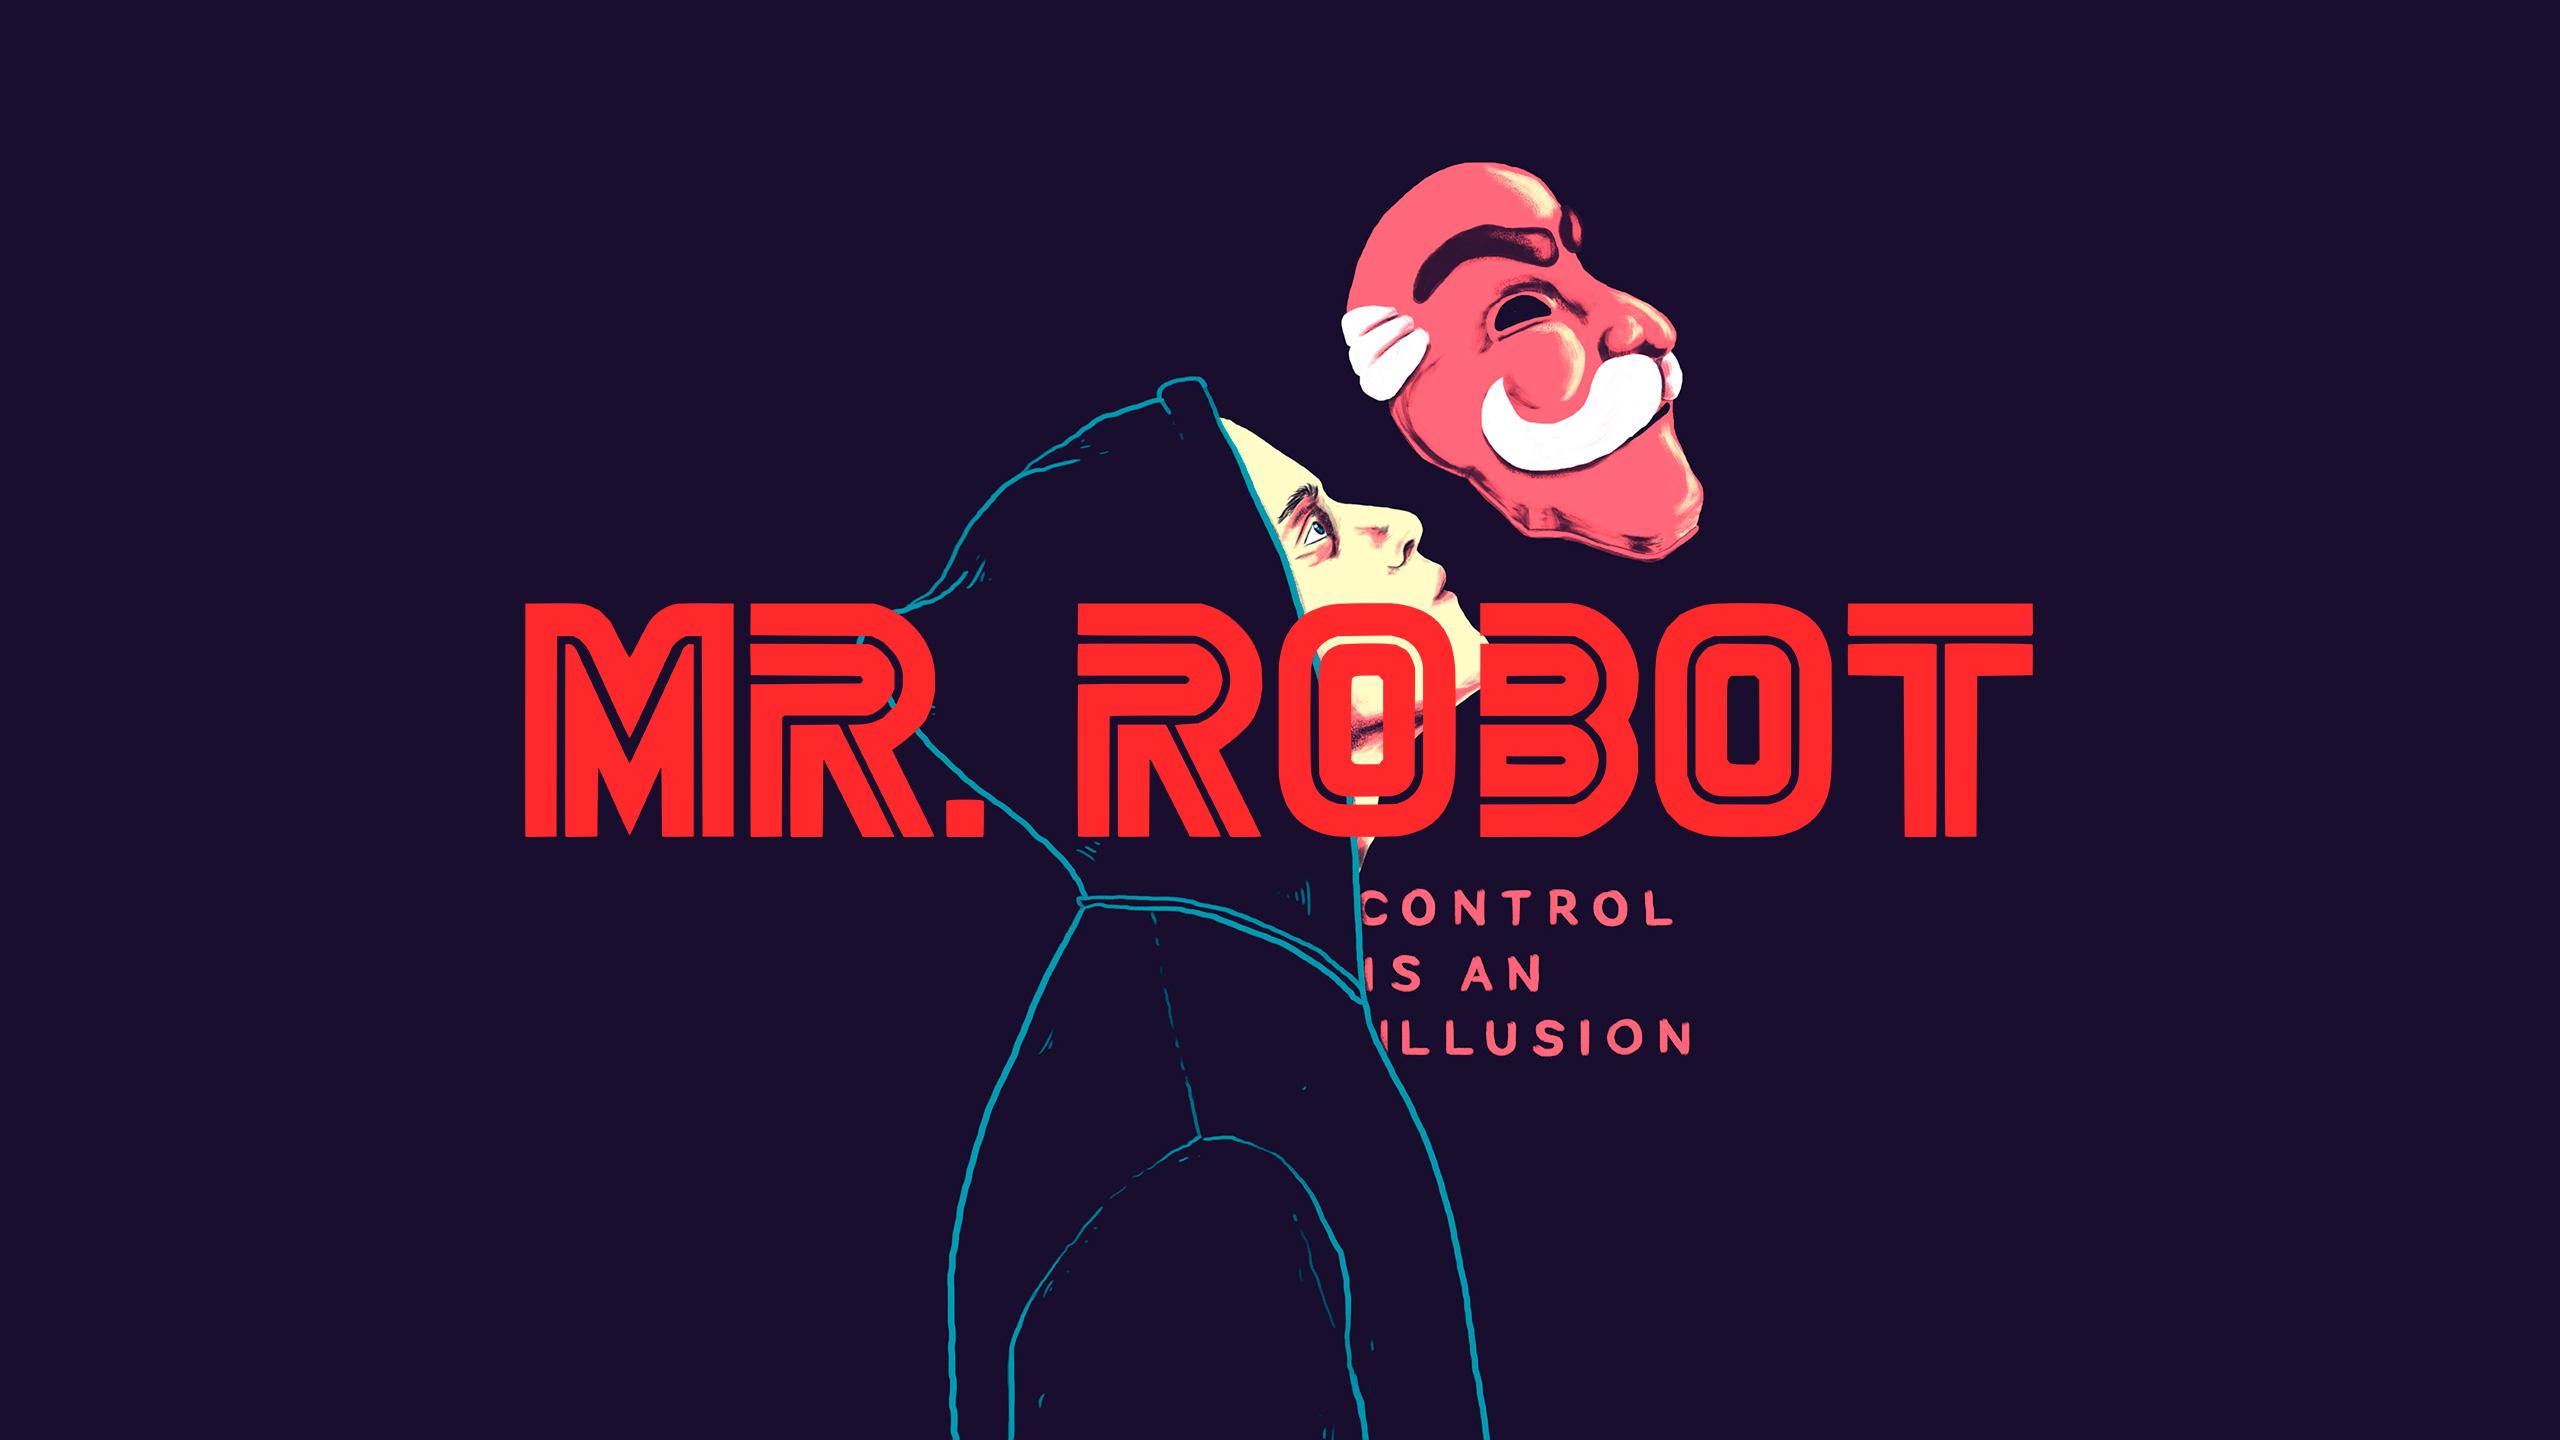 Г-н робот фан-арт обои скачать